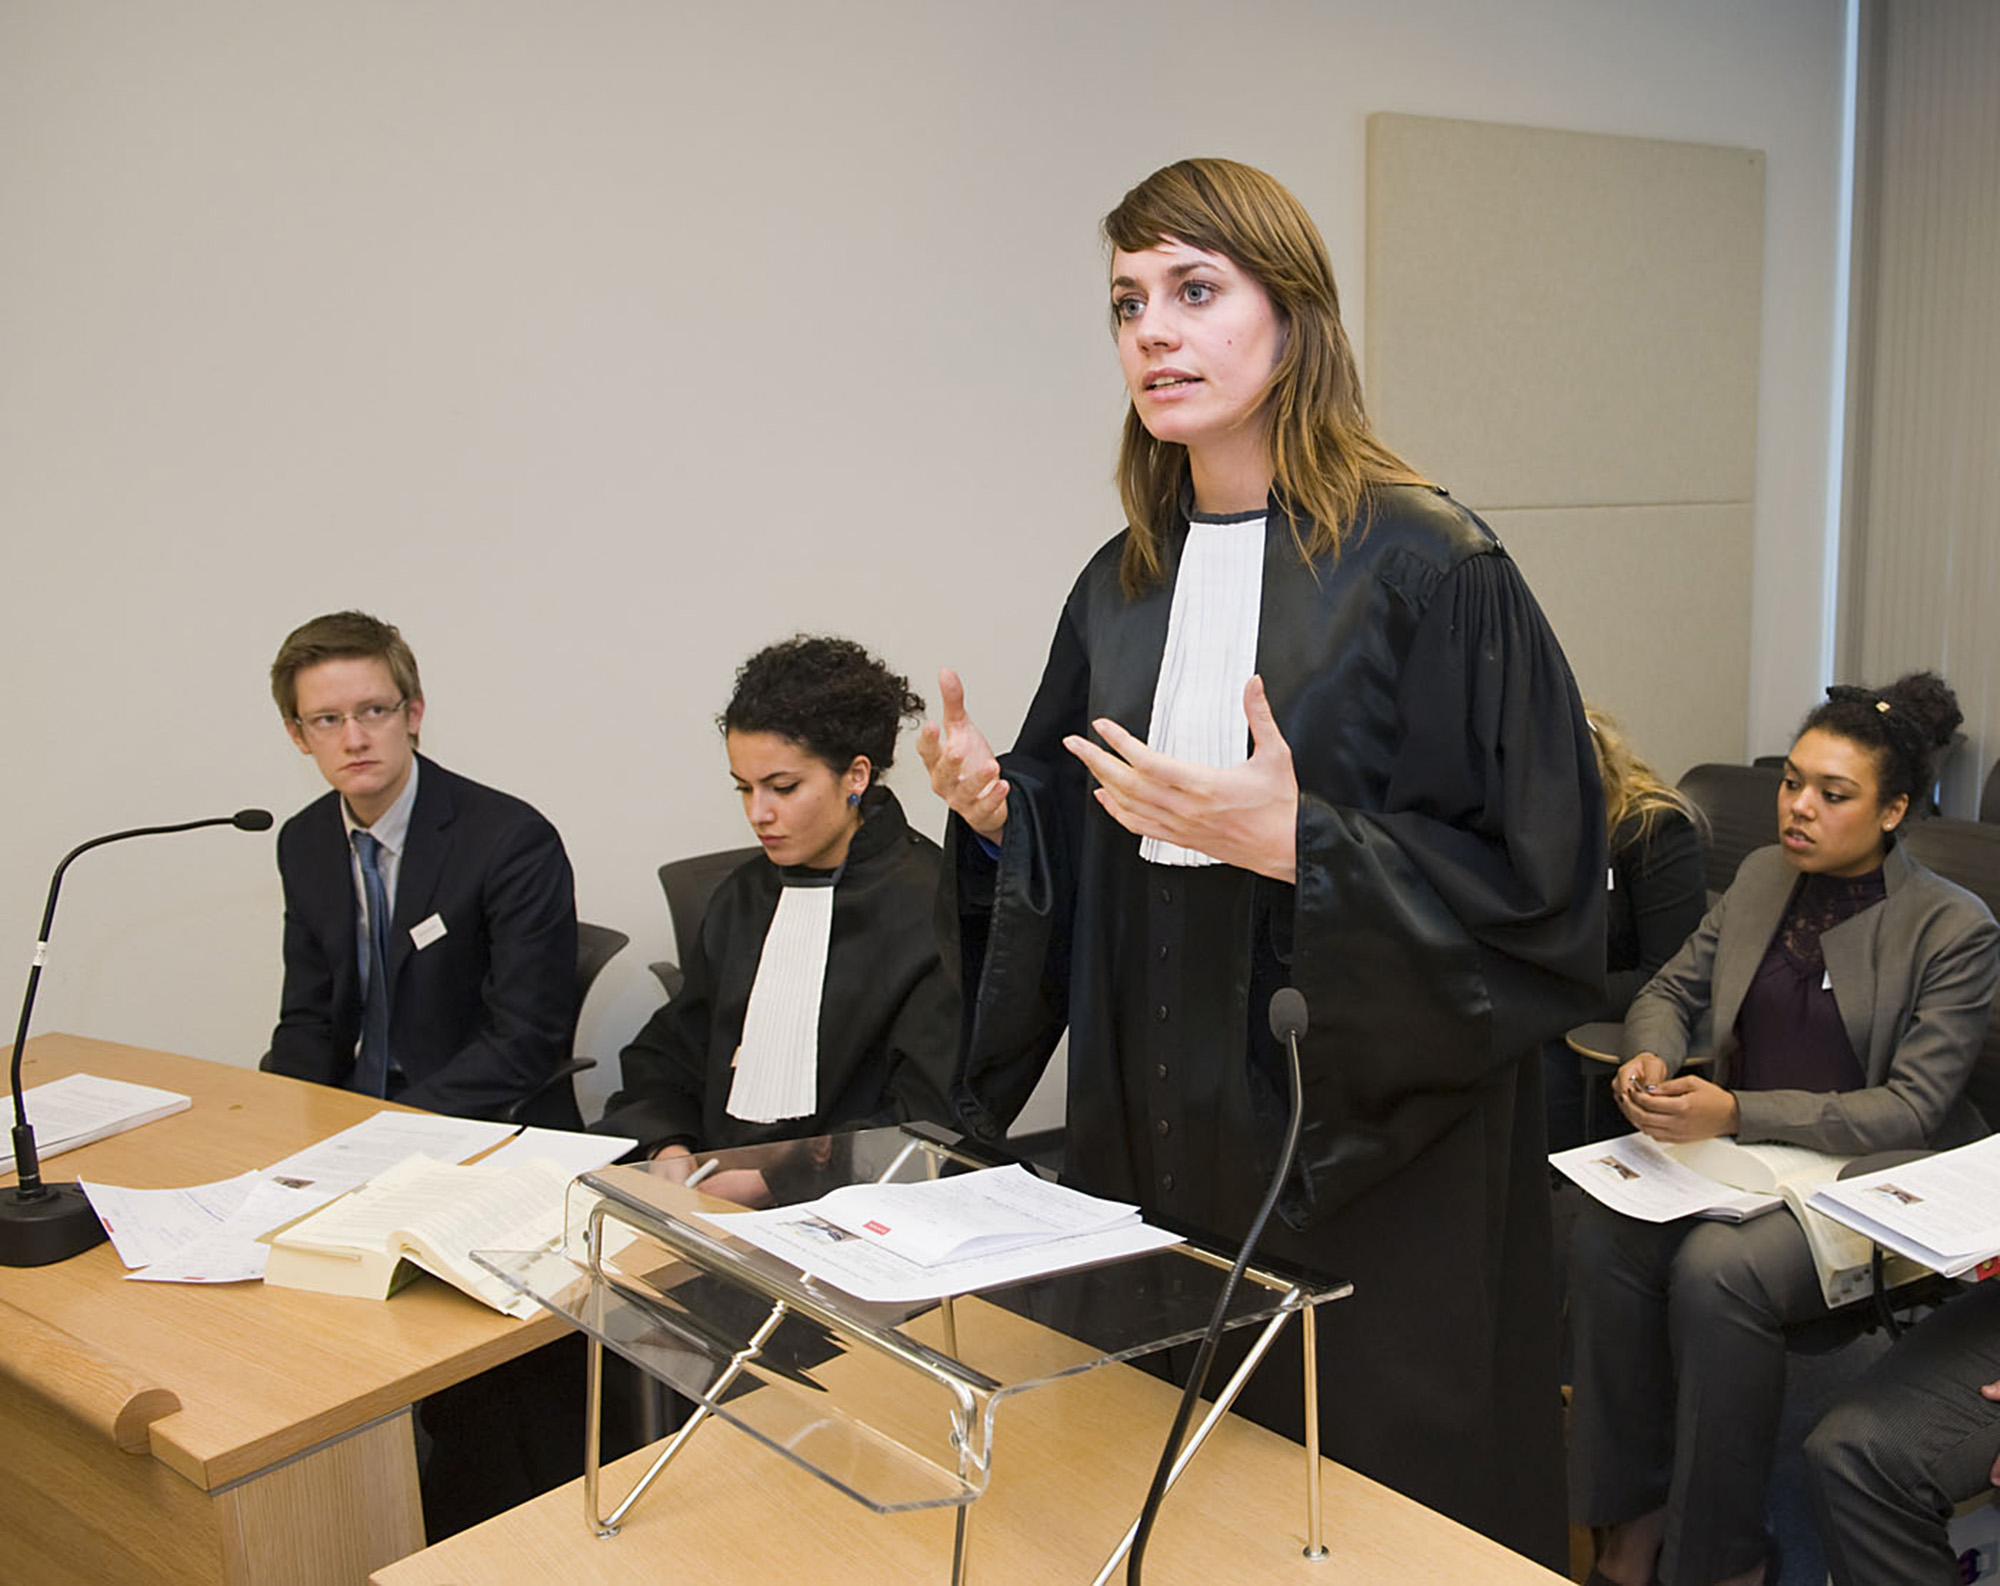 rechtbank meesterweek